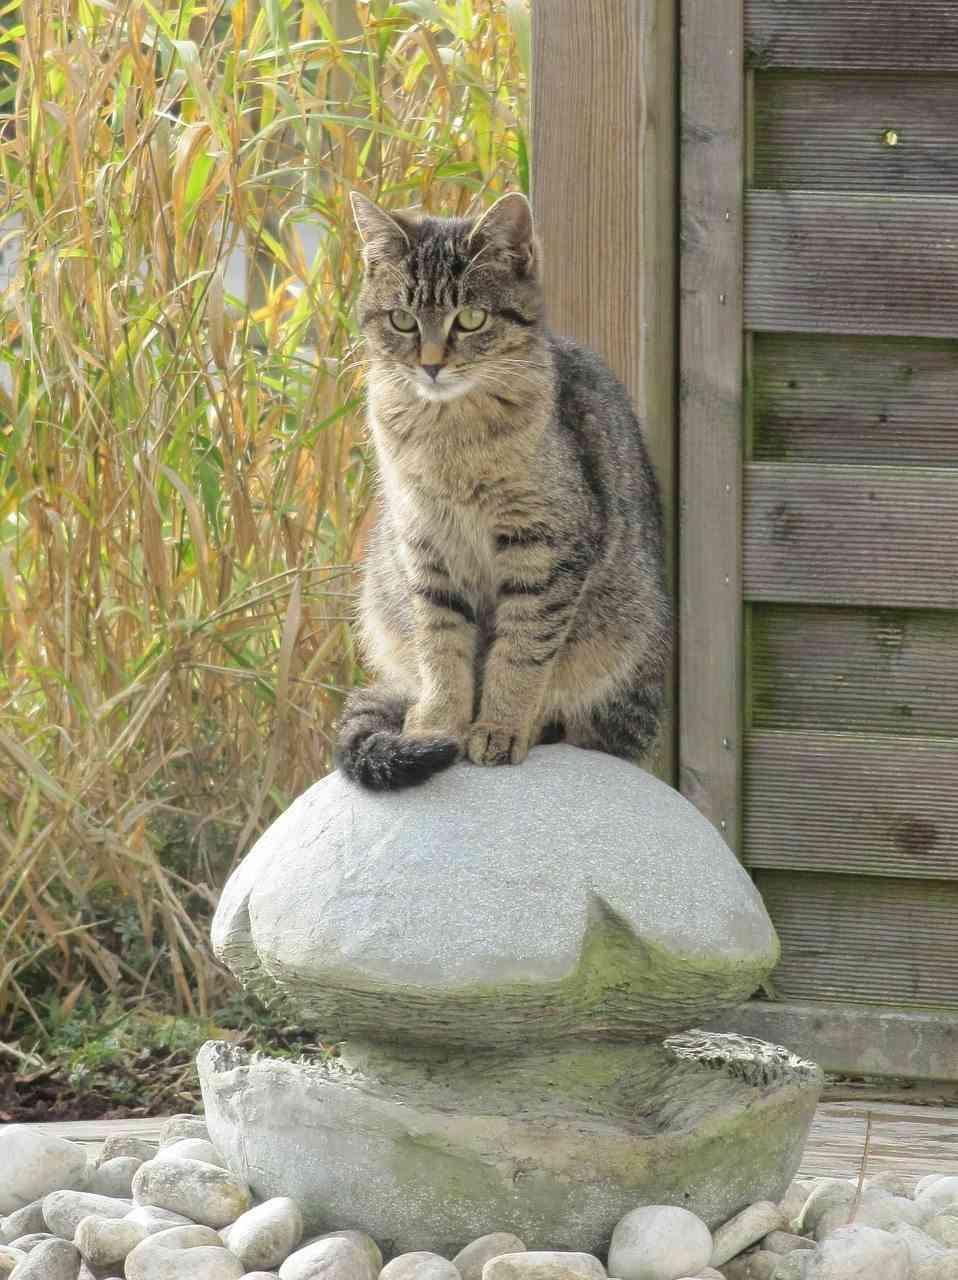 entradas de casas - gato en una fuente